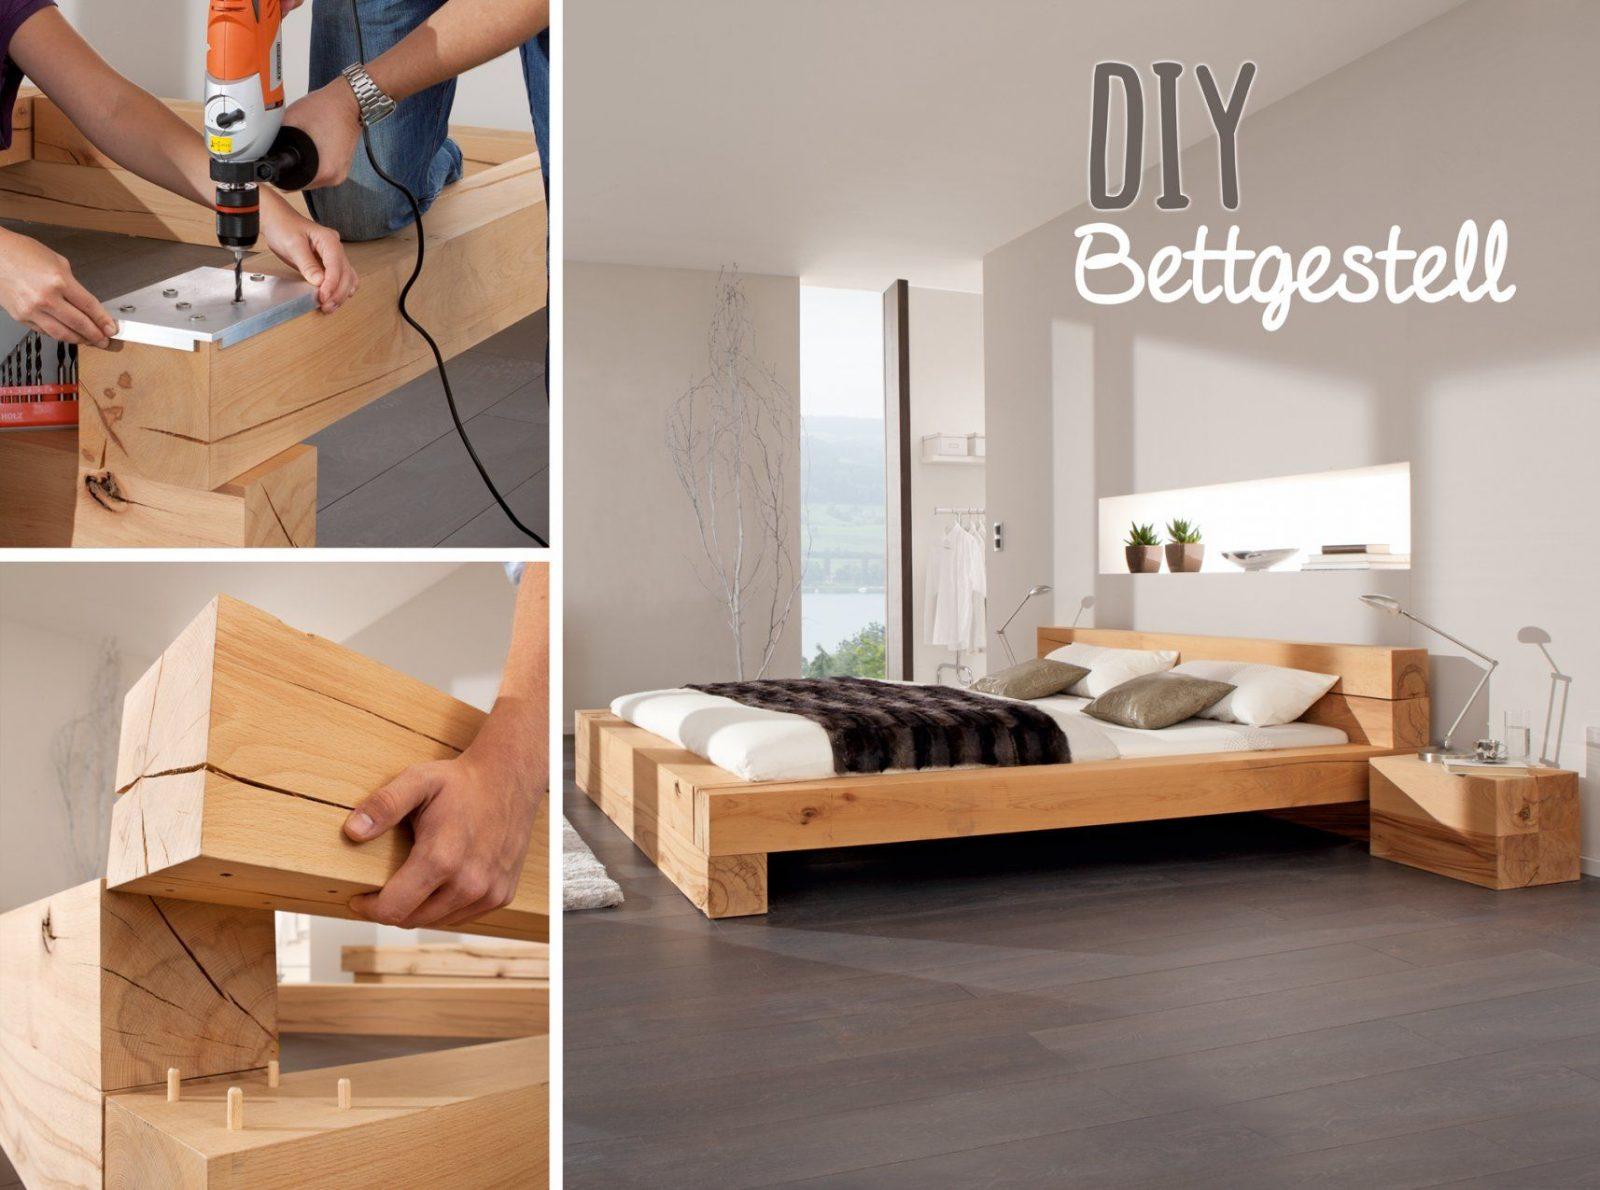 Bett Aus Alten Holzbalken Holzpaletten Bauen Selber 180X200 Holz von Bett Aus Holz Bauen Bild